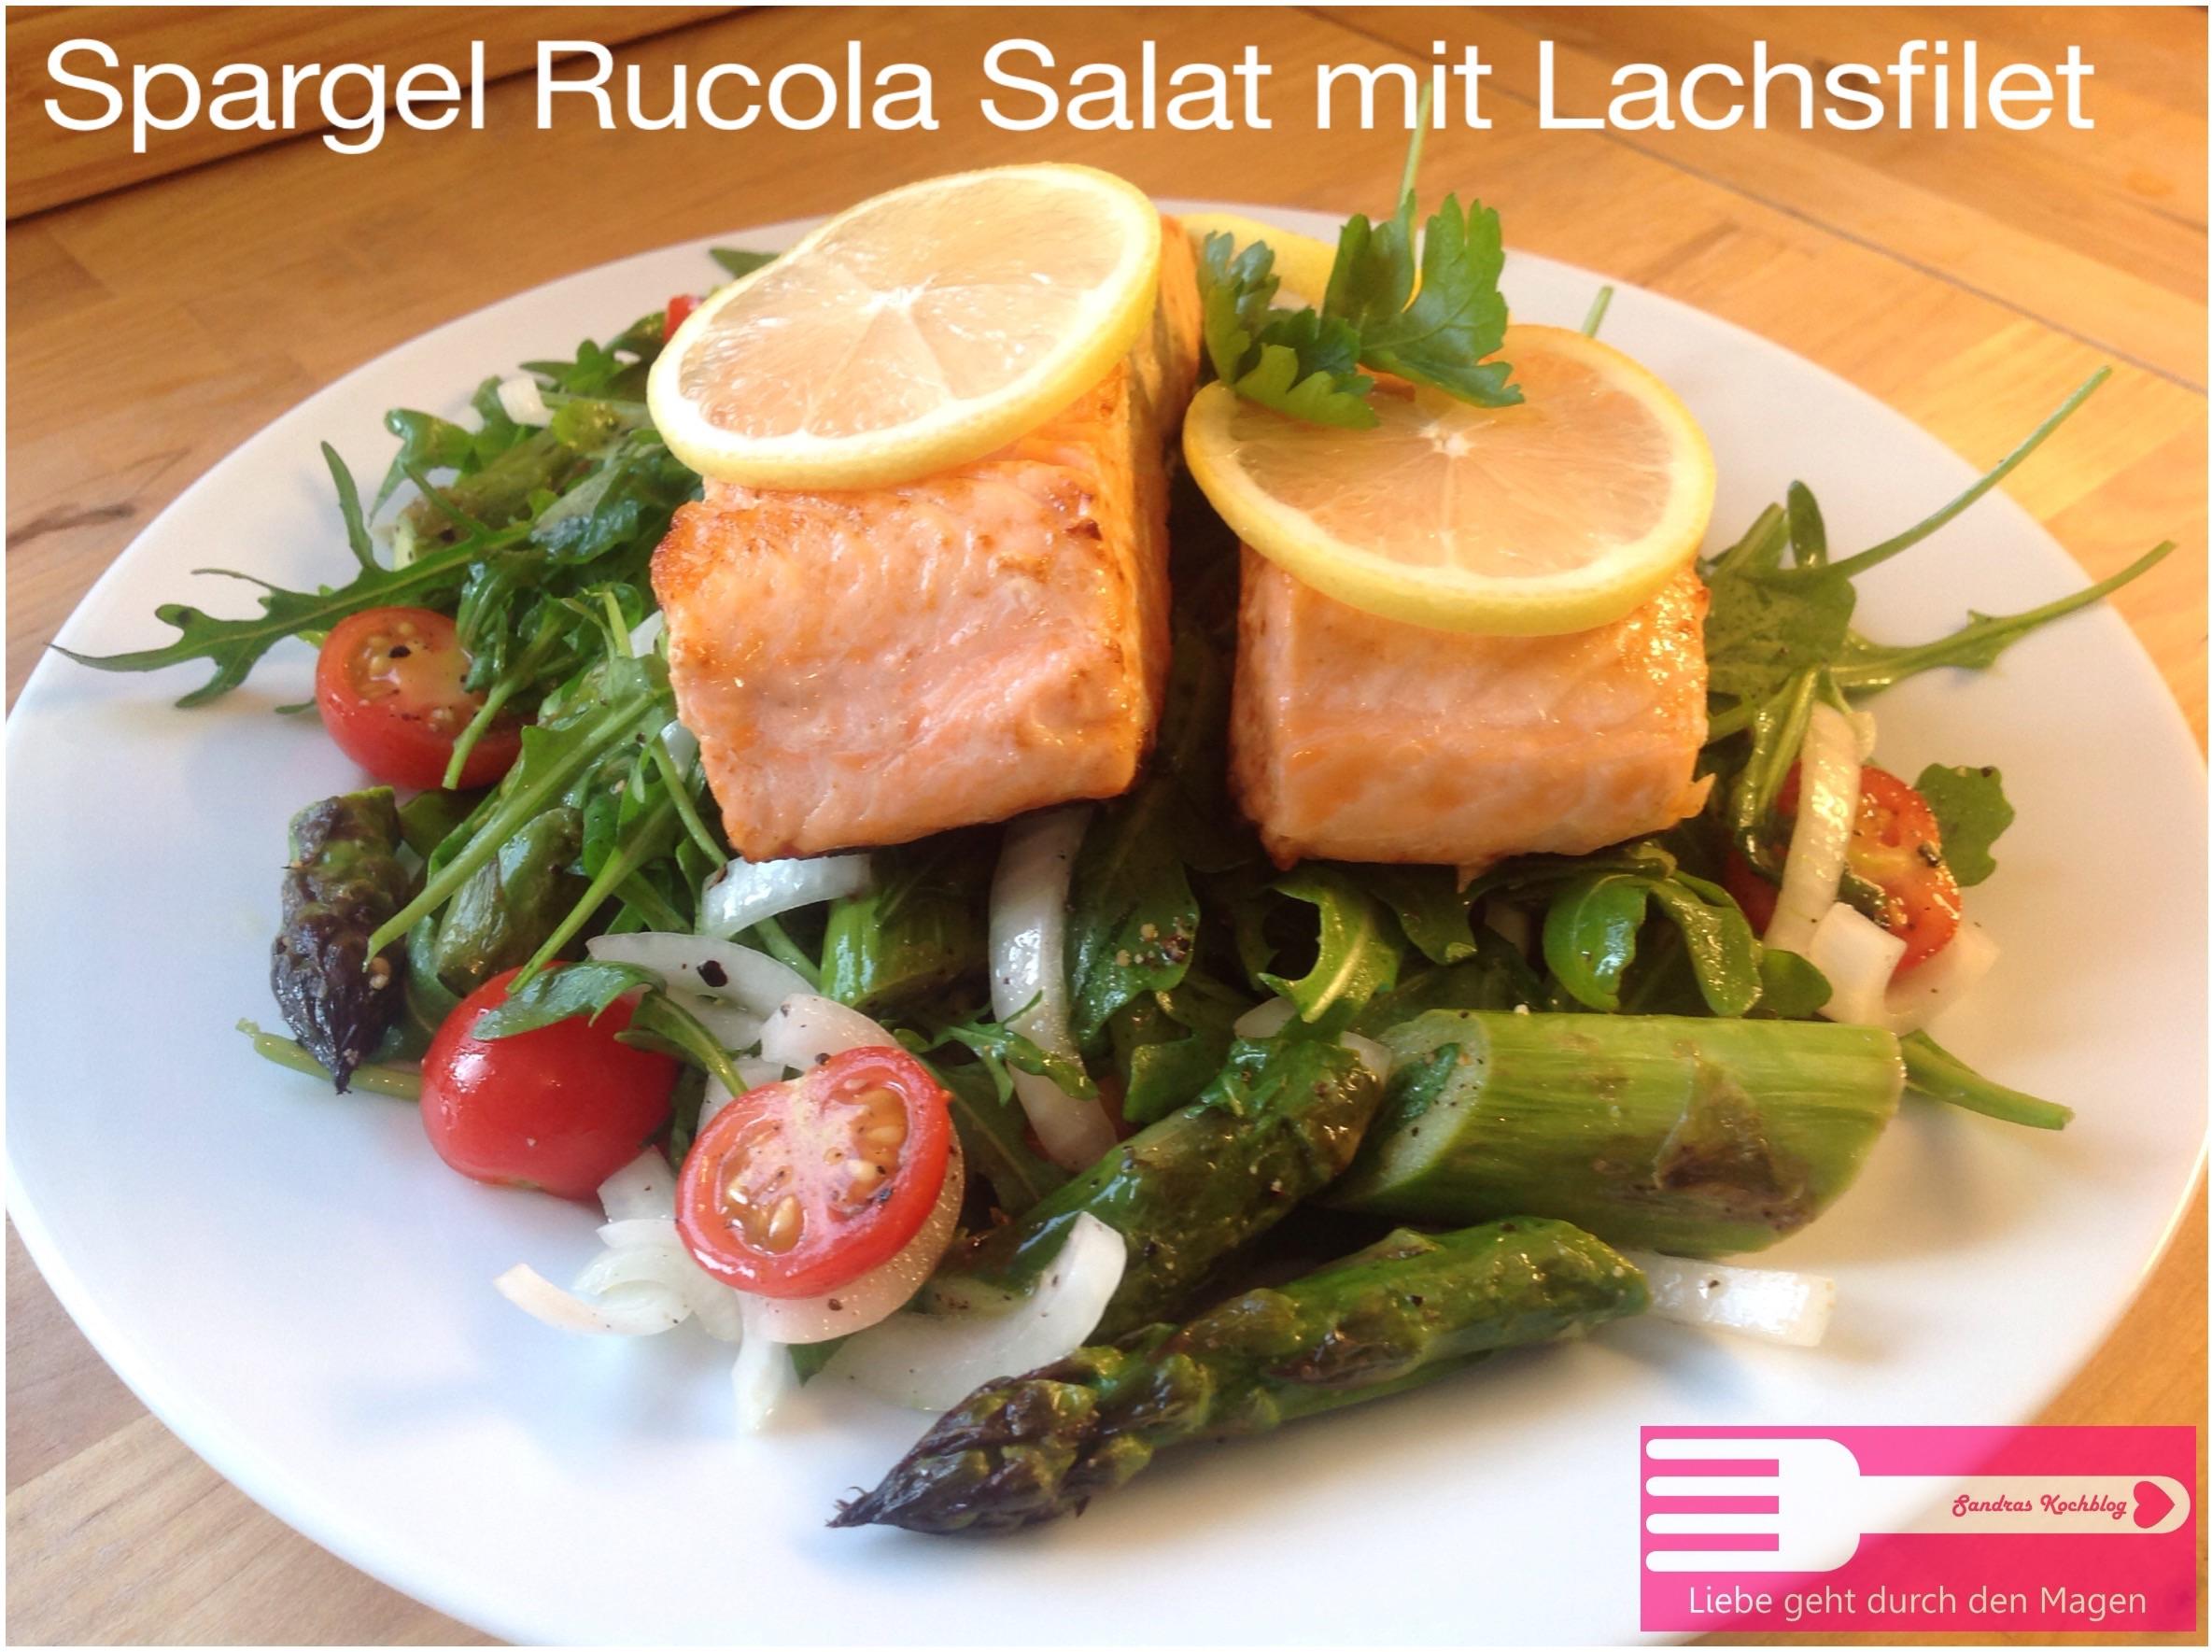 spargel rucola salat mit lachsfilet low carb sandras kochblog. Black Bedroom Furniture Sets. Home Design Ideas